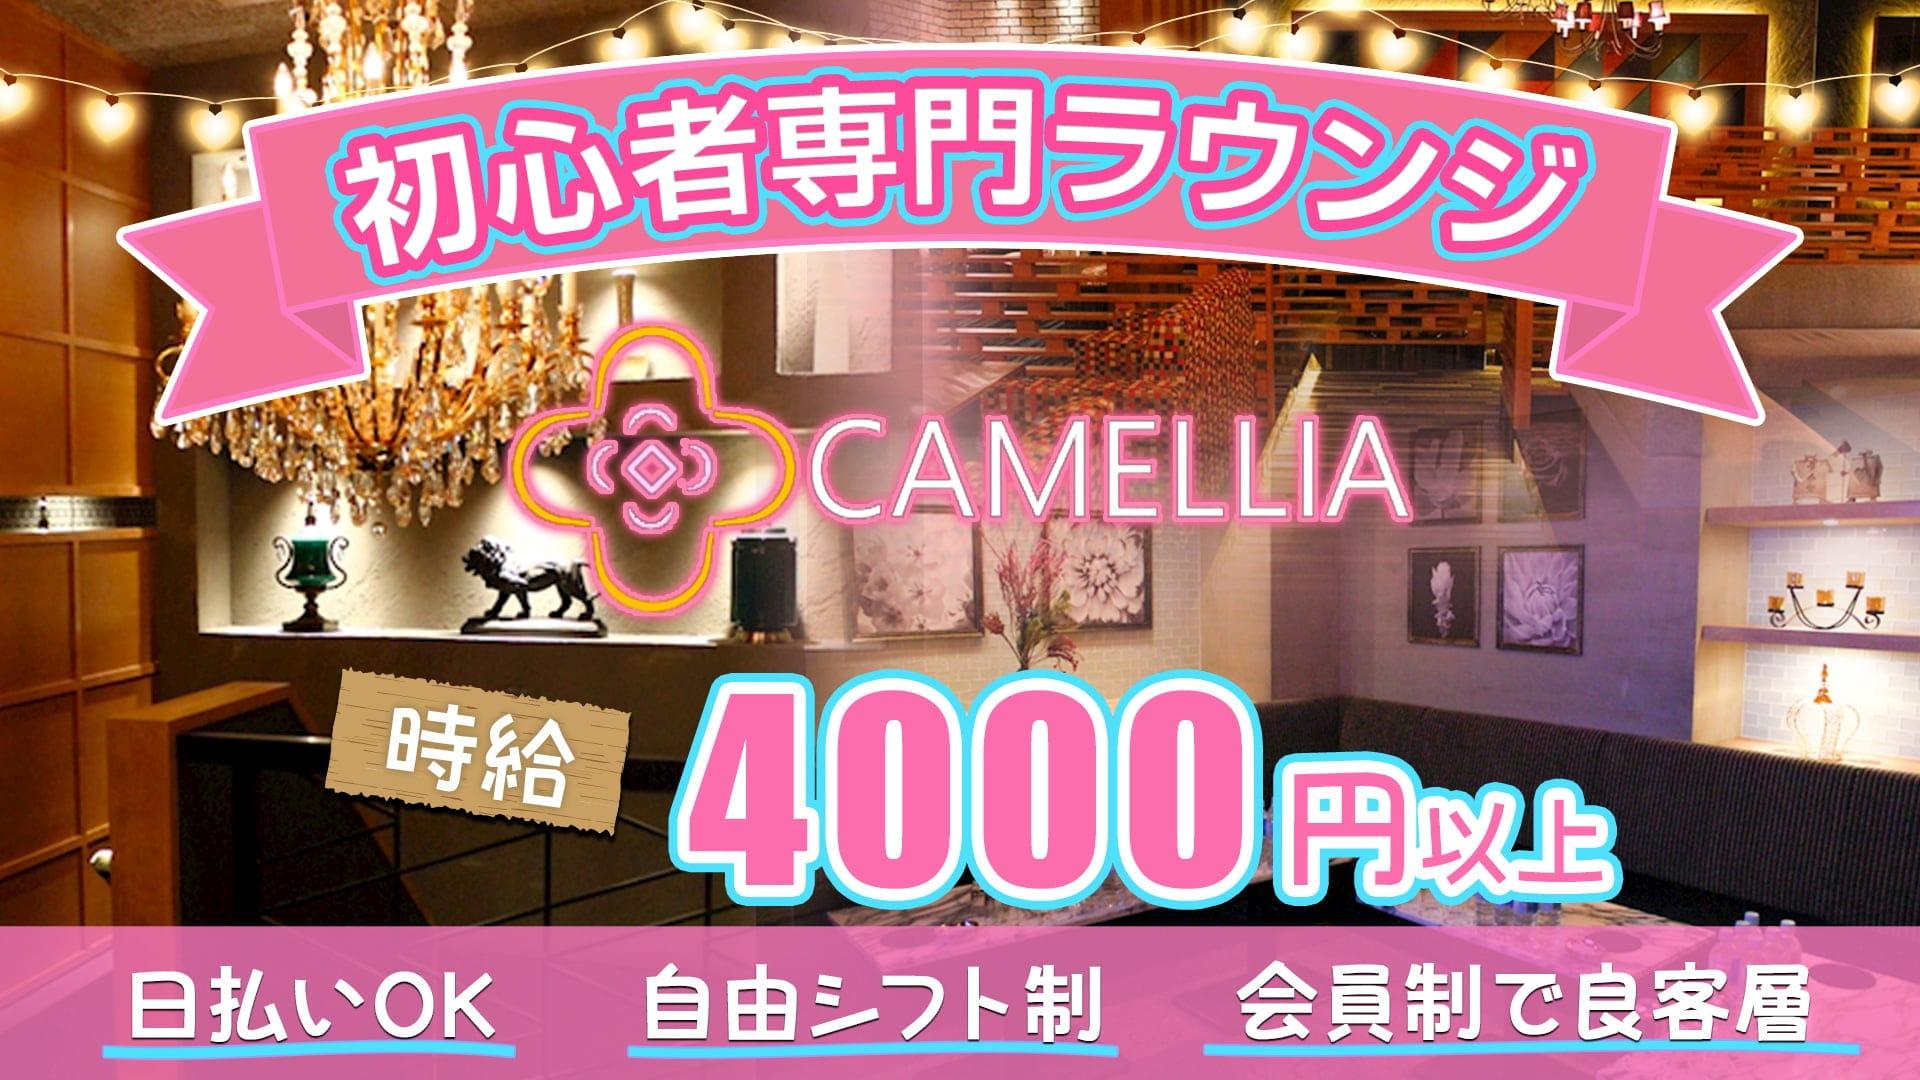 CAMELLIA(カメリア)【公式求人・体入情報】 流川ラウンジ TOP画像